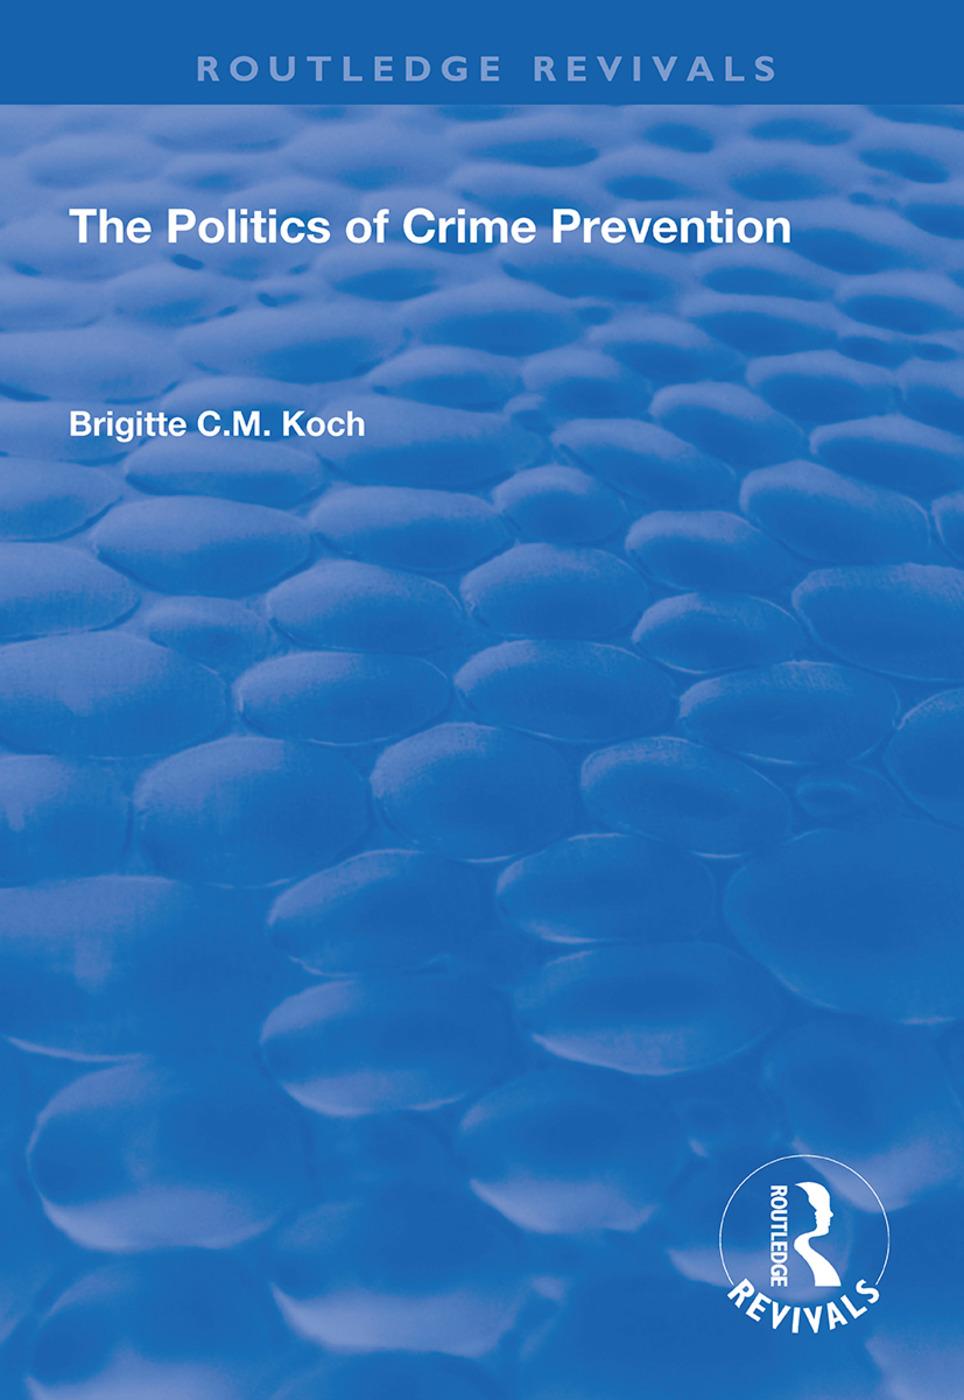 The Politics of Crime Prevention